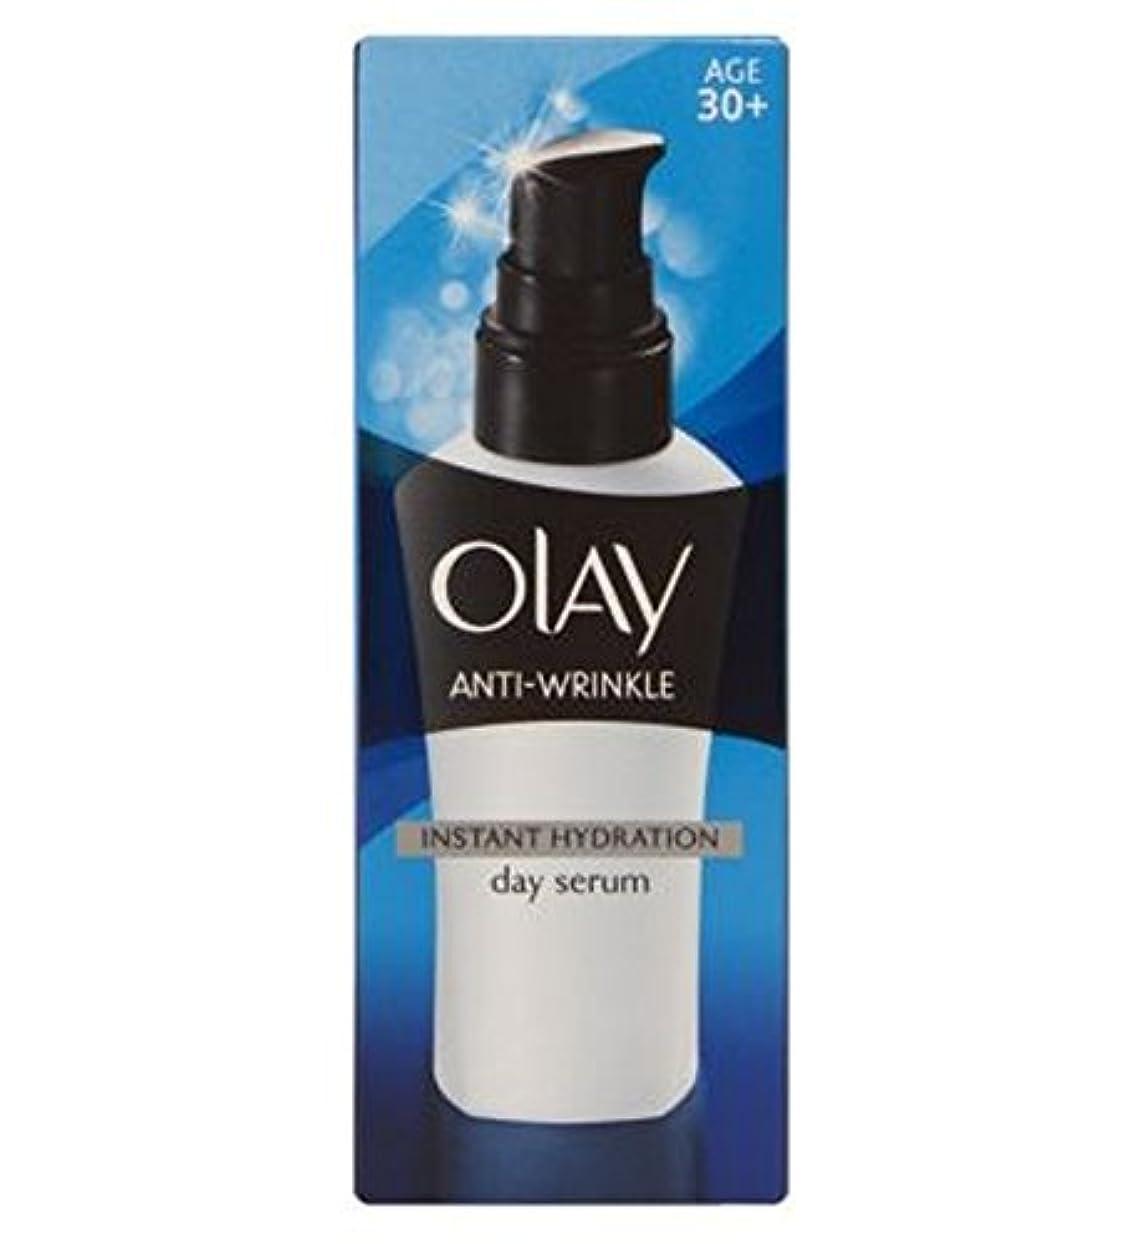 エキス感性スカーフオーレイ抗しわインスタントハイドレーションモイスチャライザー日血清50ミリリットル (Olay) (x2) - Olay Anti-Wrinkle Instant Hydration Moisturiser Day Serum 50ml (Pack of 2) [並行輸入品]